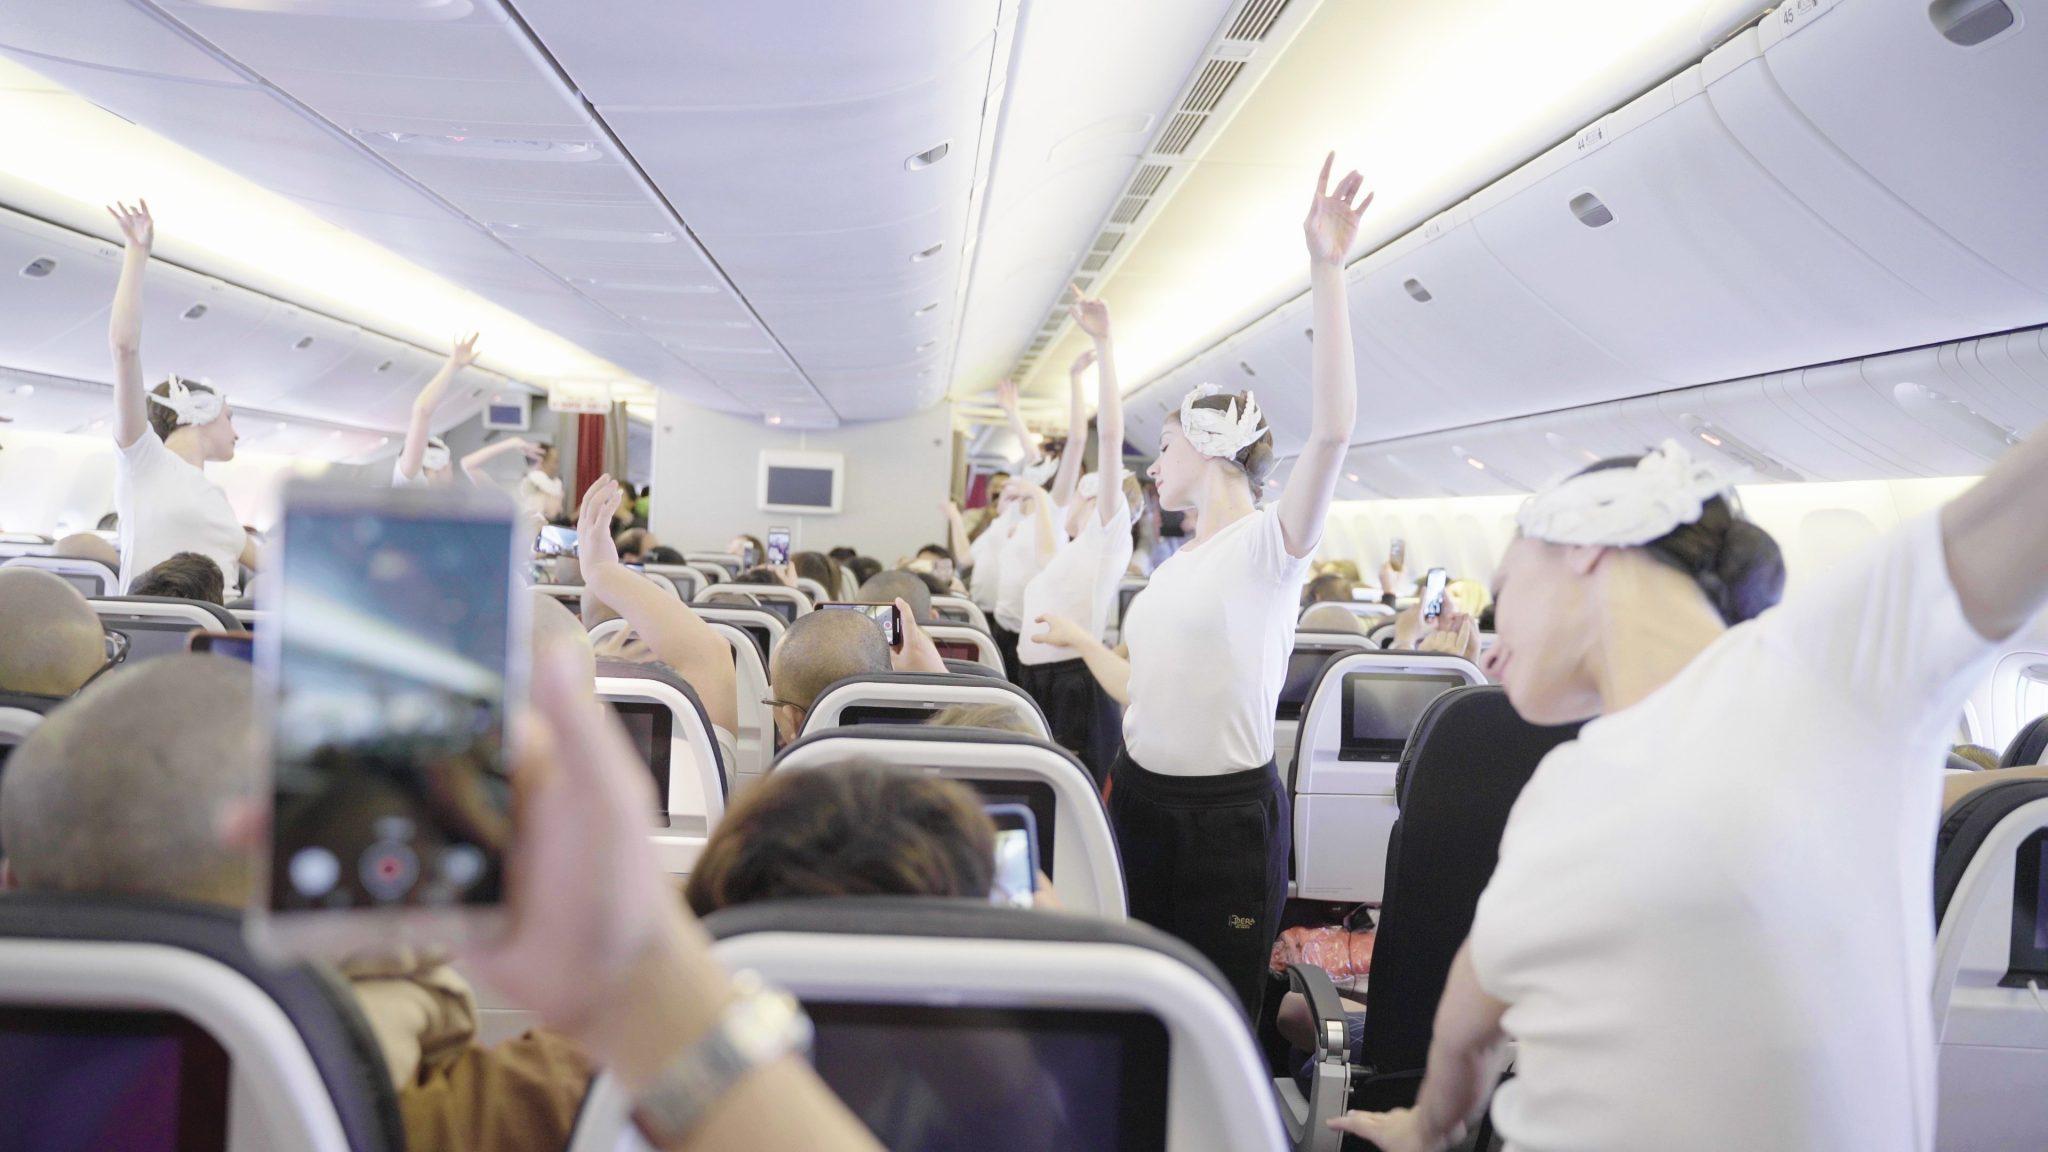 Air France sorprendió a sus pasajeros con bailarines de la Ópera de París en pleno vuelo